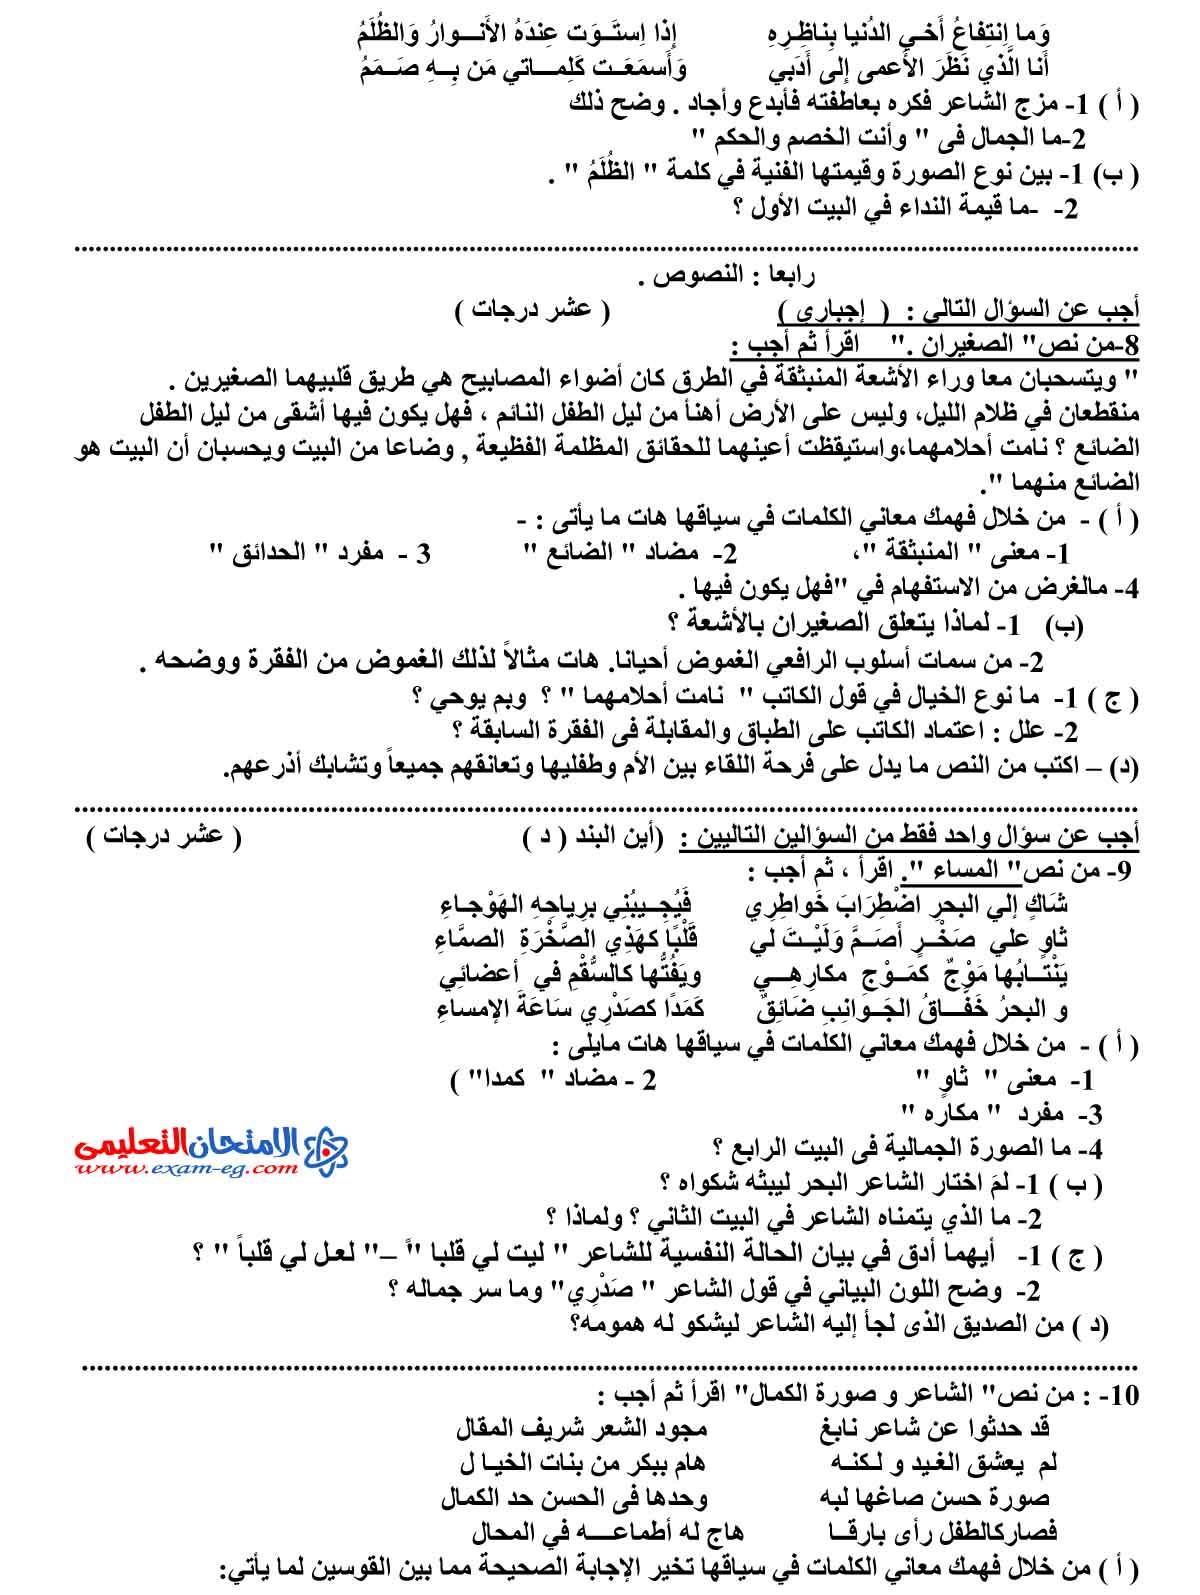 امتحان اللغة العربية 1 - مدرسة اون لاين (3)